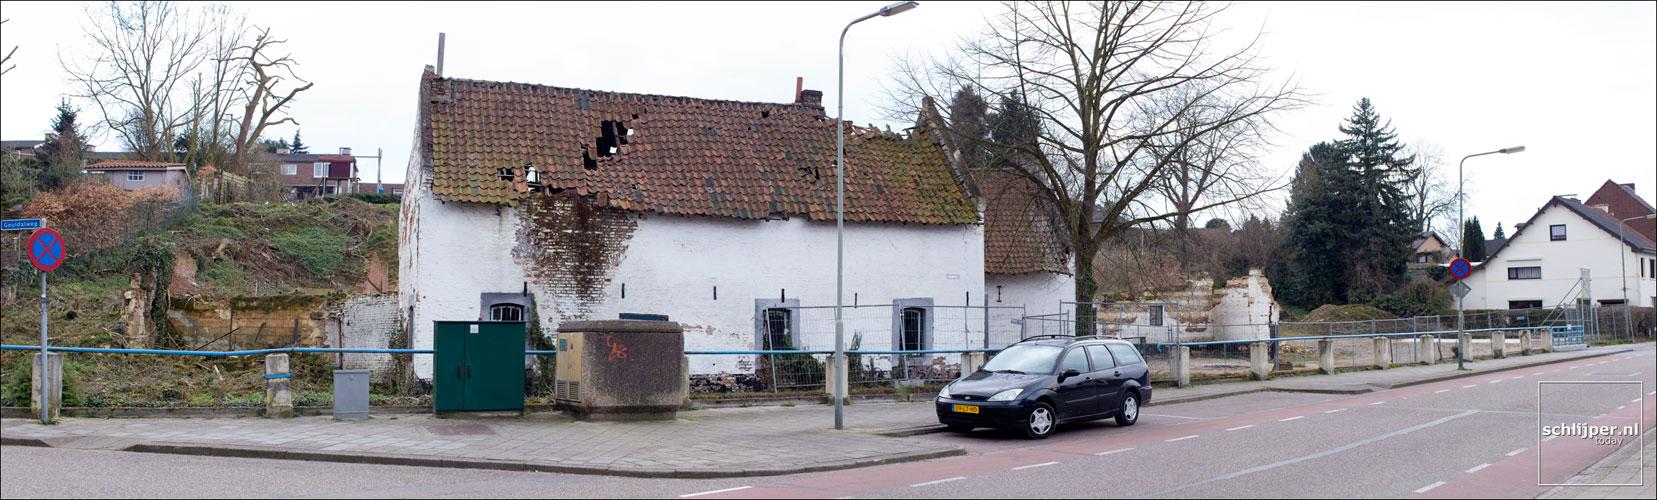 Nederland, Meerssen, 6 april 2015